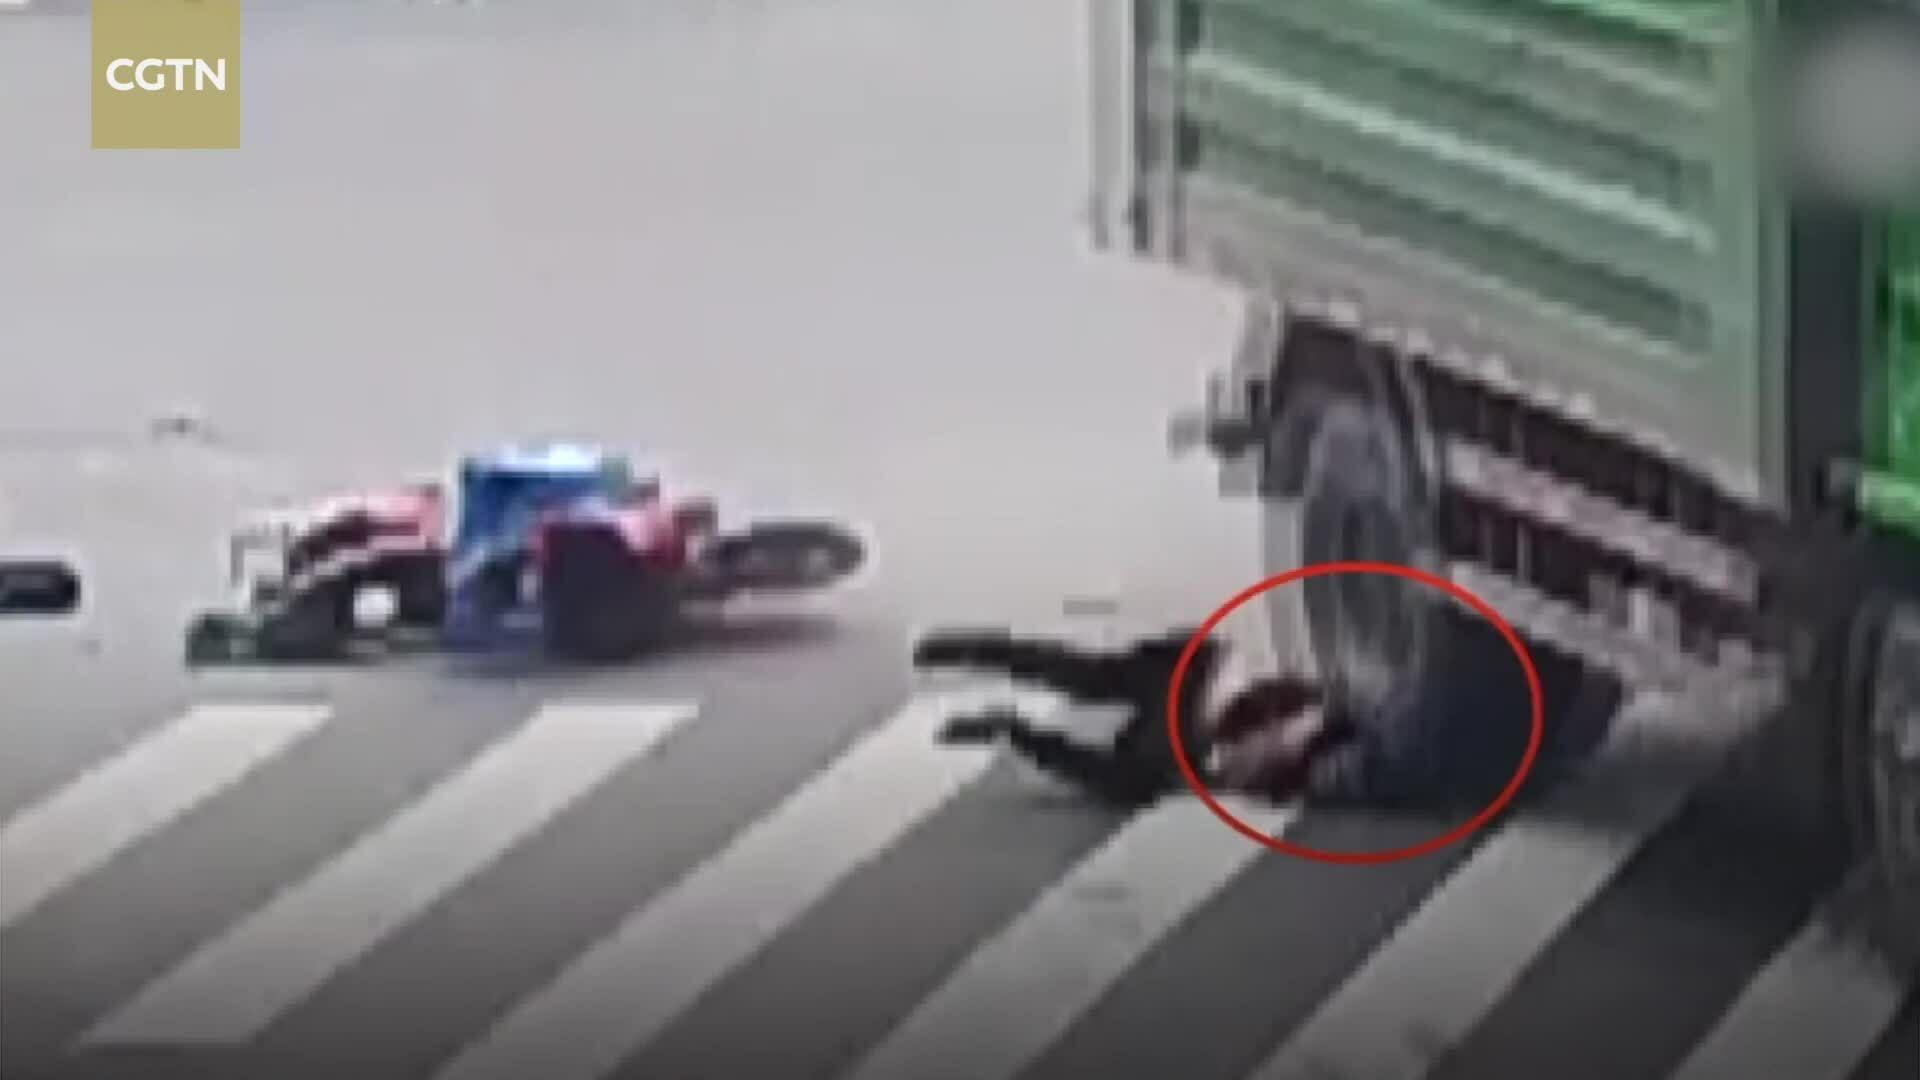 Người đàn ông Trung Quốc thoát chết khi xe tải cán qua đầu nhờ mũ bảo hiểm